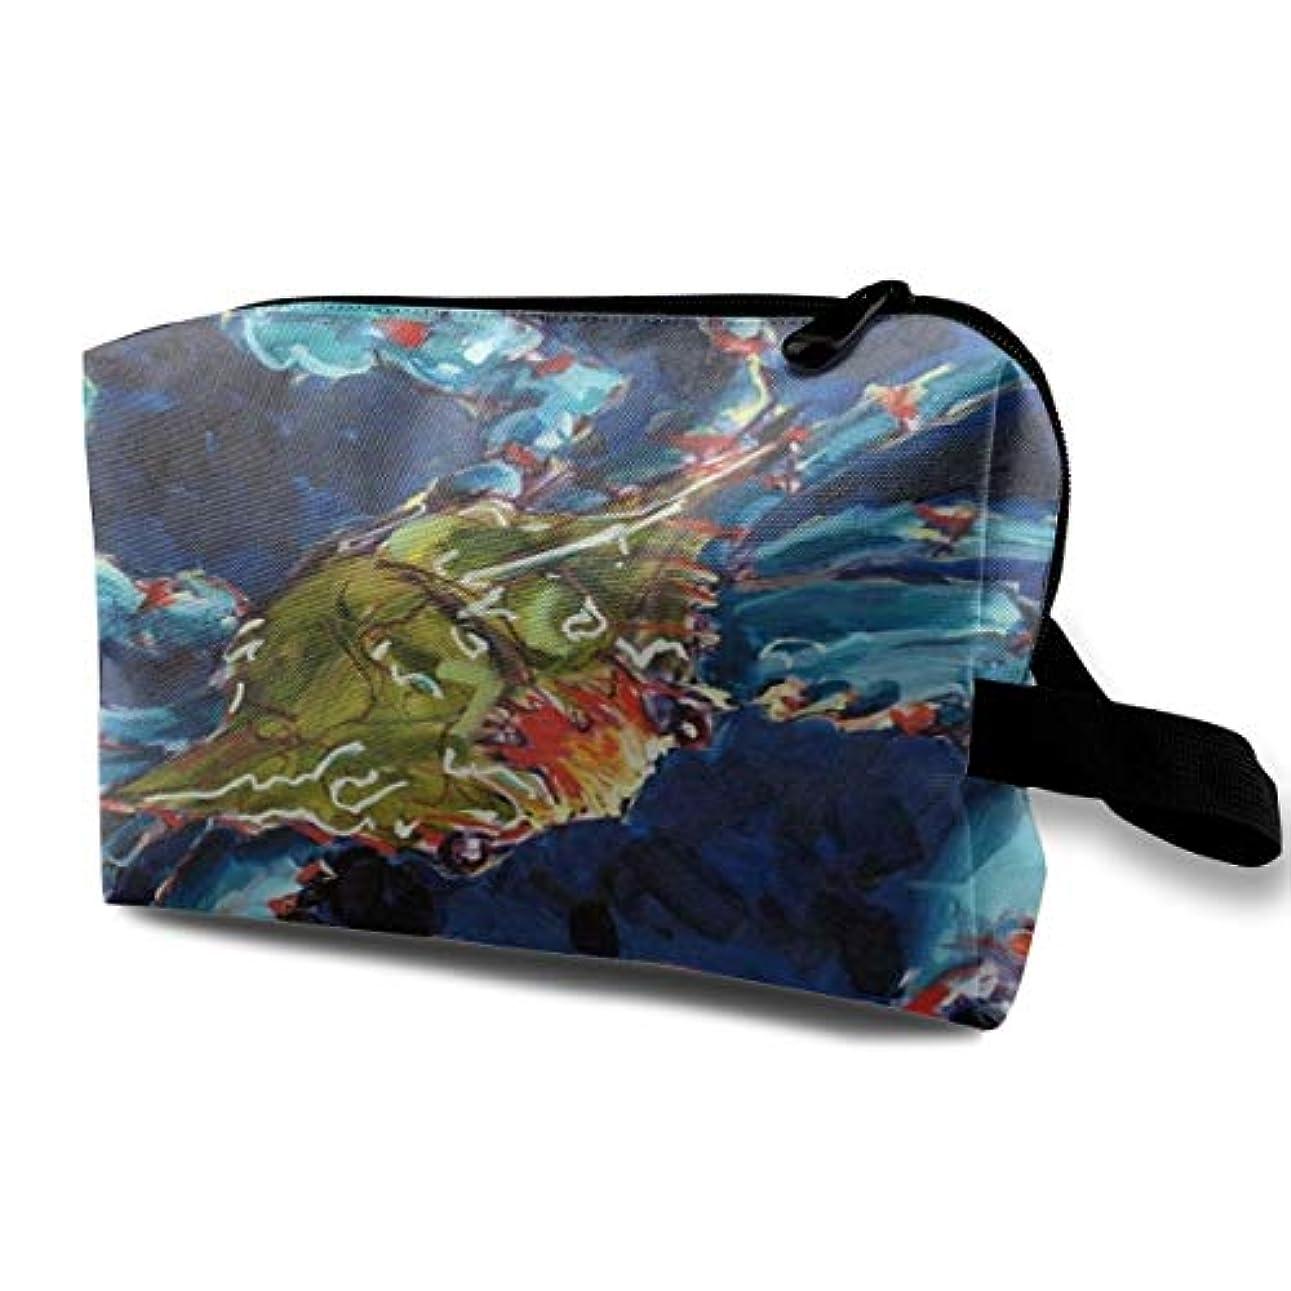 毎週占めるペルメルOil Painting Crab 収納ポーチ 化粧ポーチ 大容量 軽量 耐久性 ハンドル付持ち運び便利。入れ 自宅?出張?旅行?アウトドア撮影などに対応。メンズ レディース トラベルグッズ